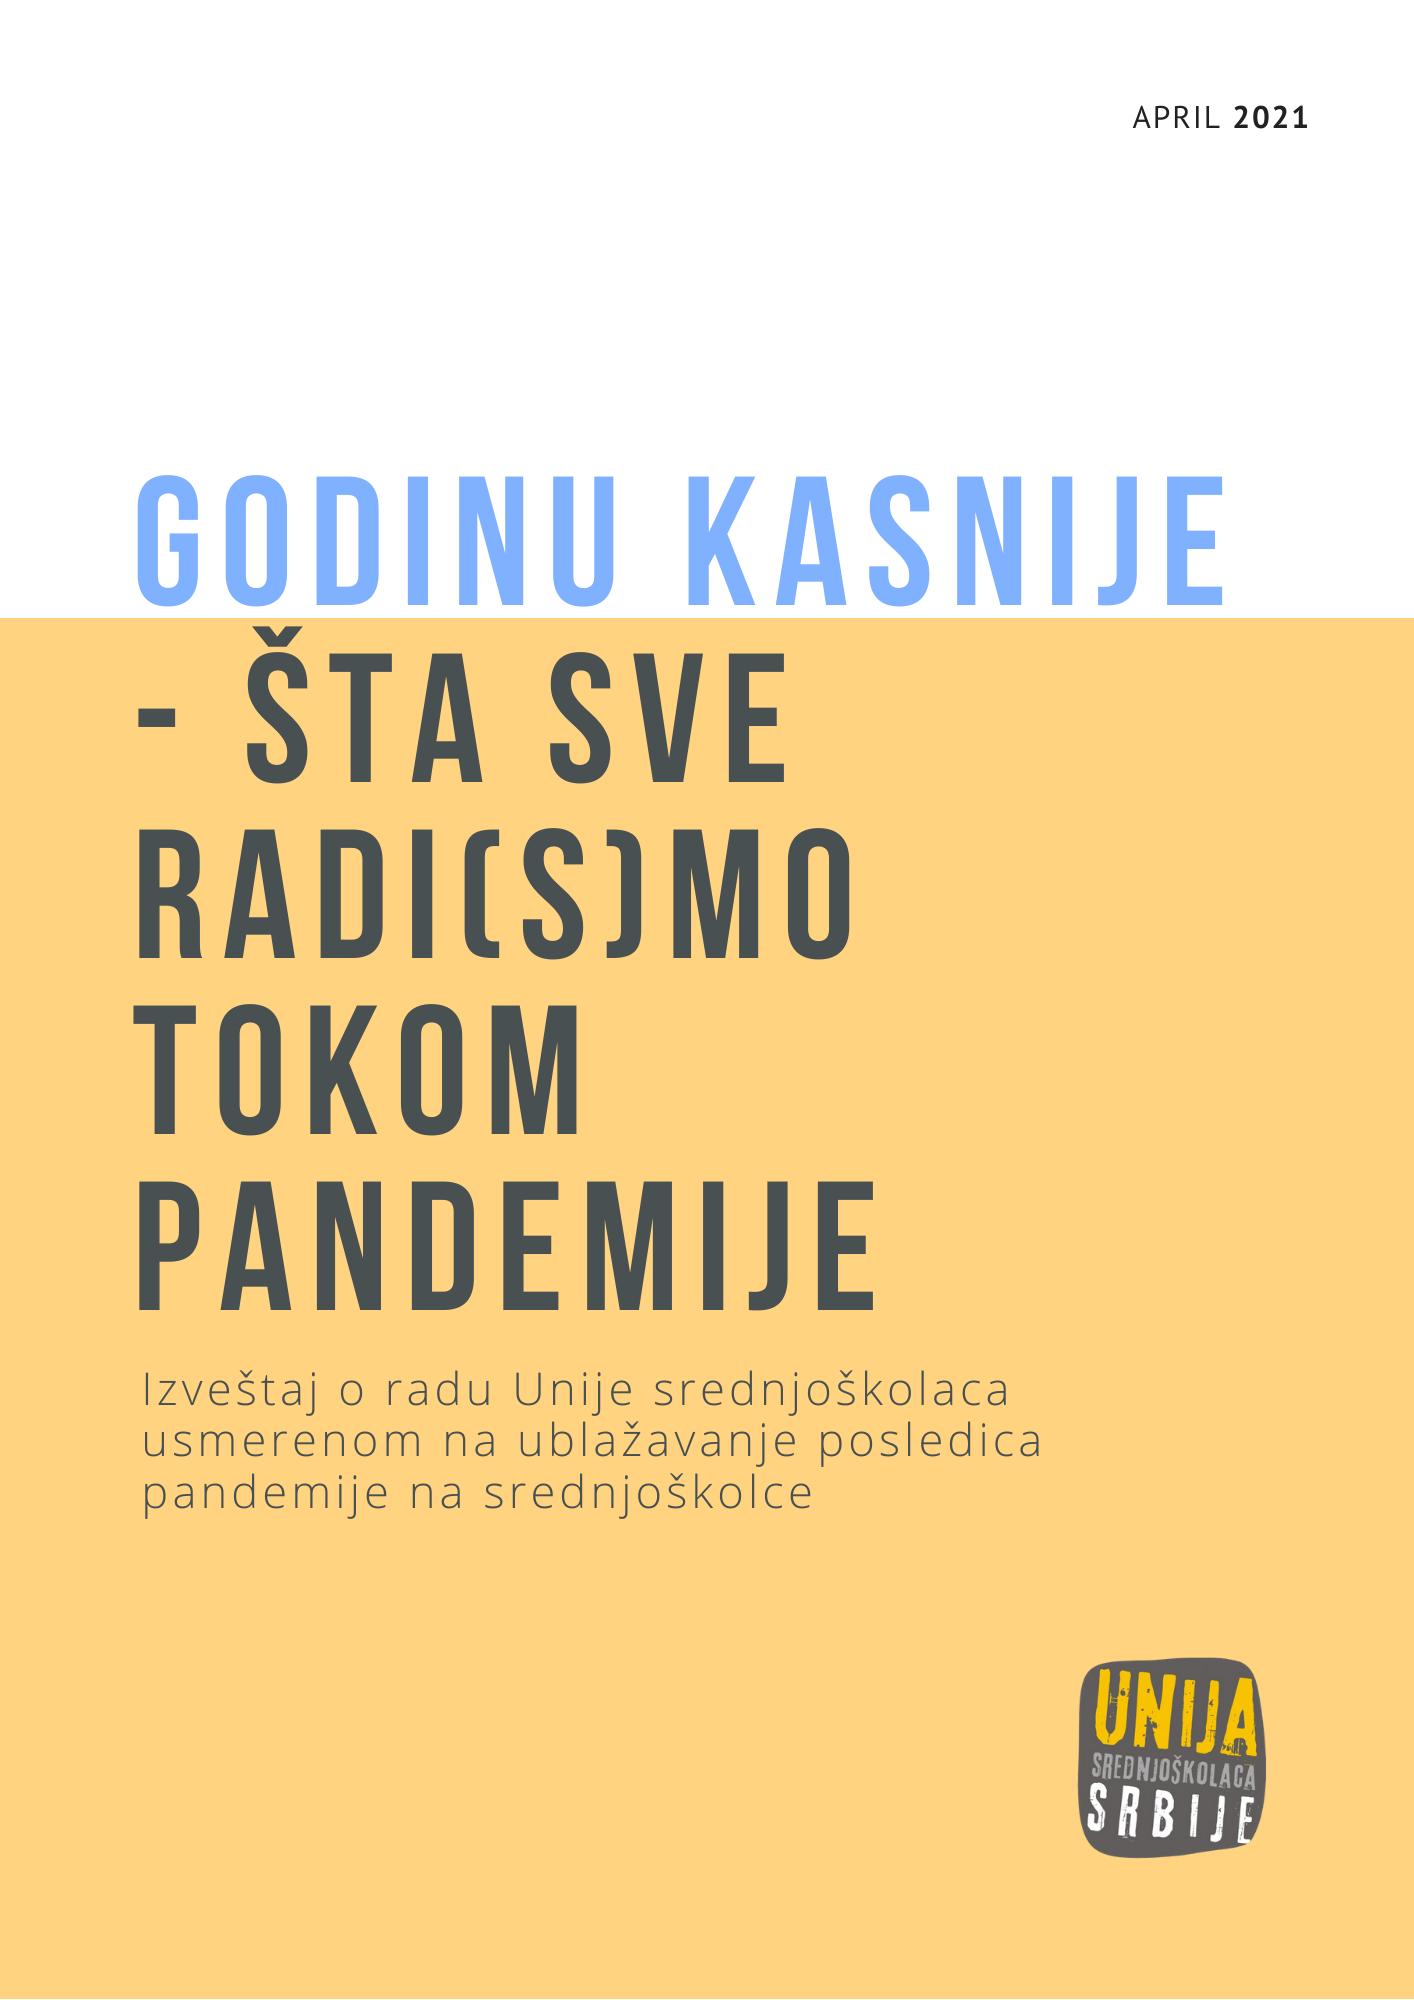 godinu kasnije_izveštaj o radu za ublažavanje pandemije